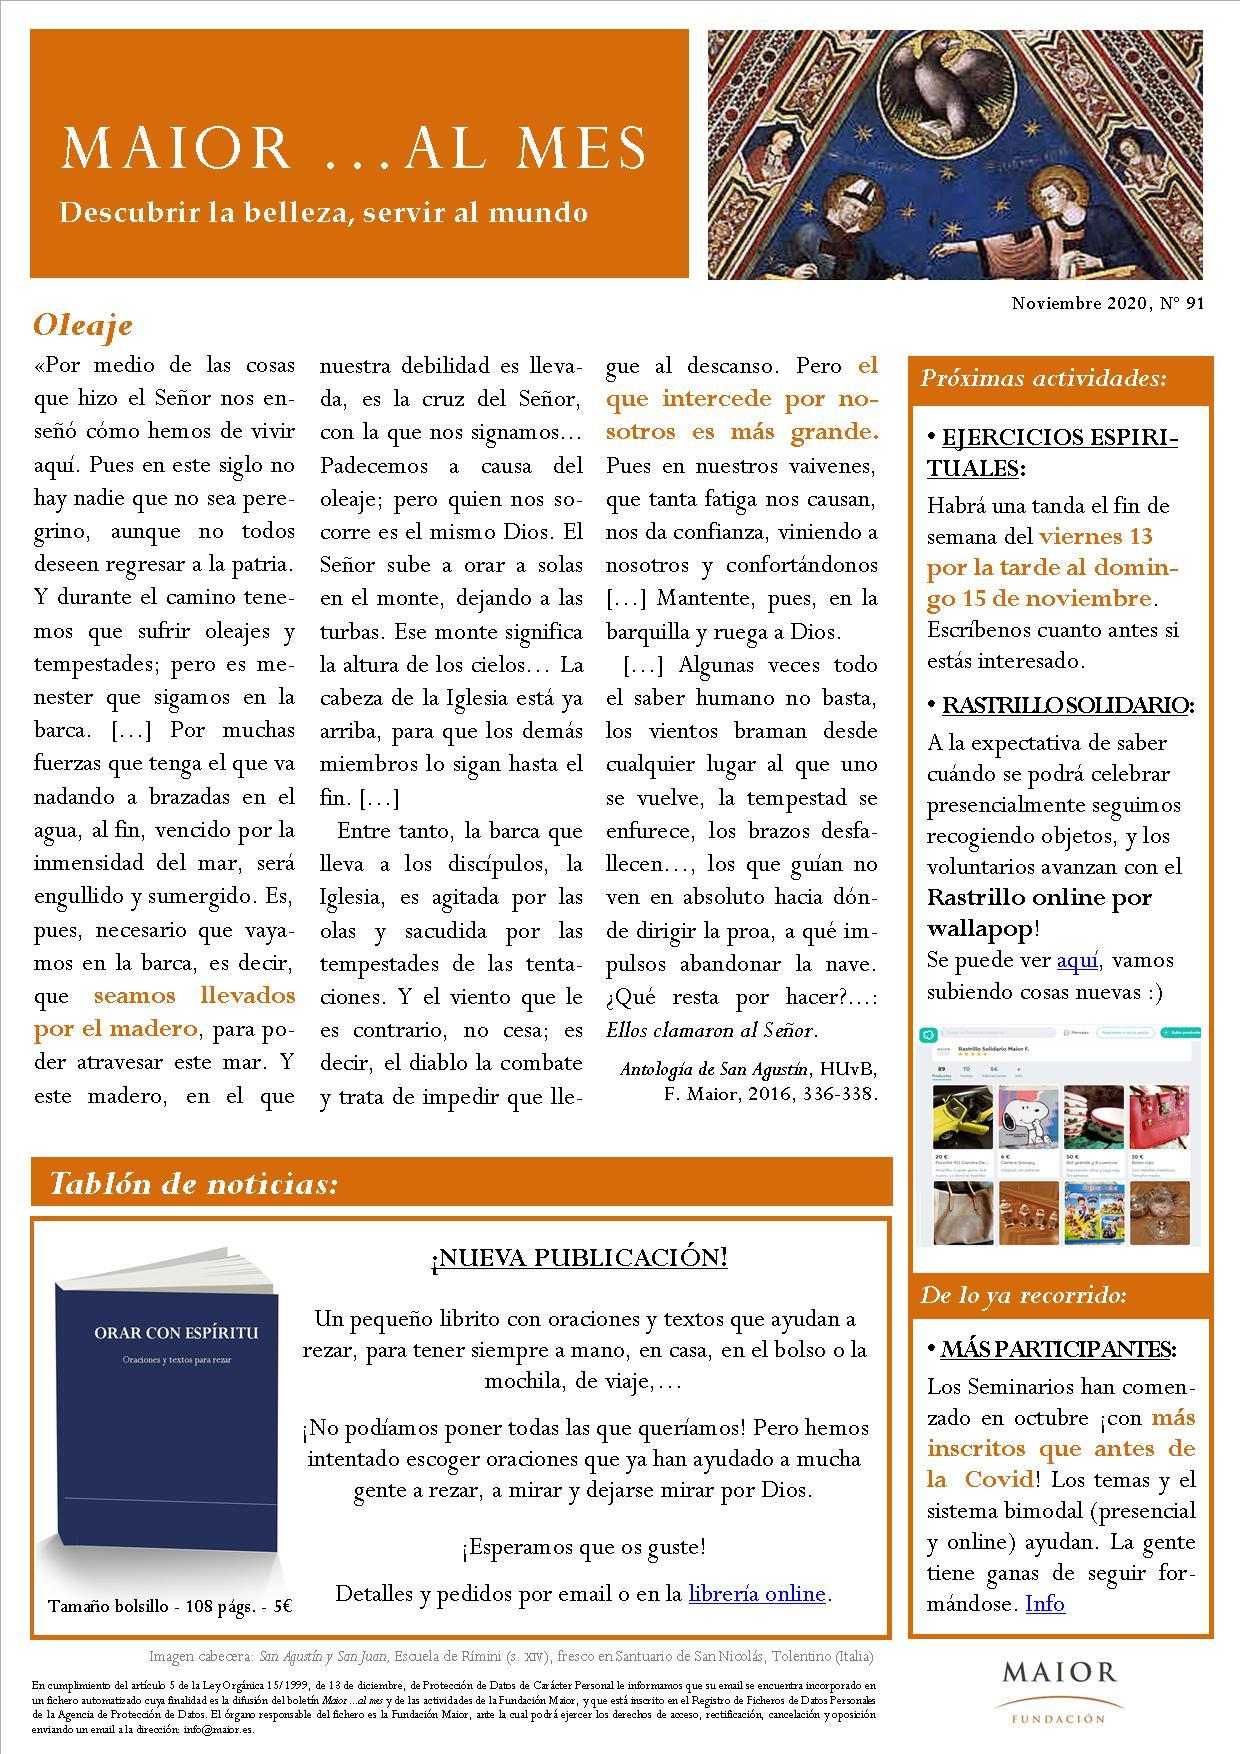 Boletín mensual de noticias y actividades de la Fundación Maior. Edición de noviembre 2020